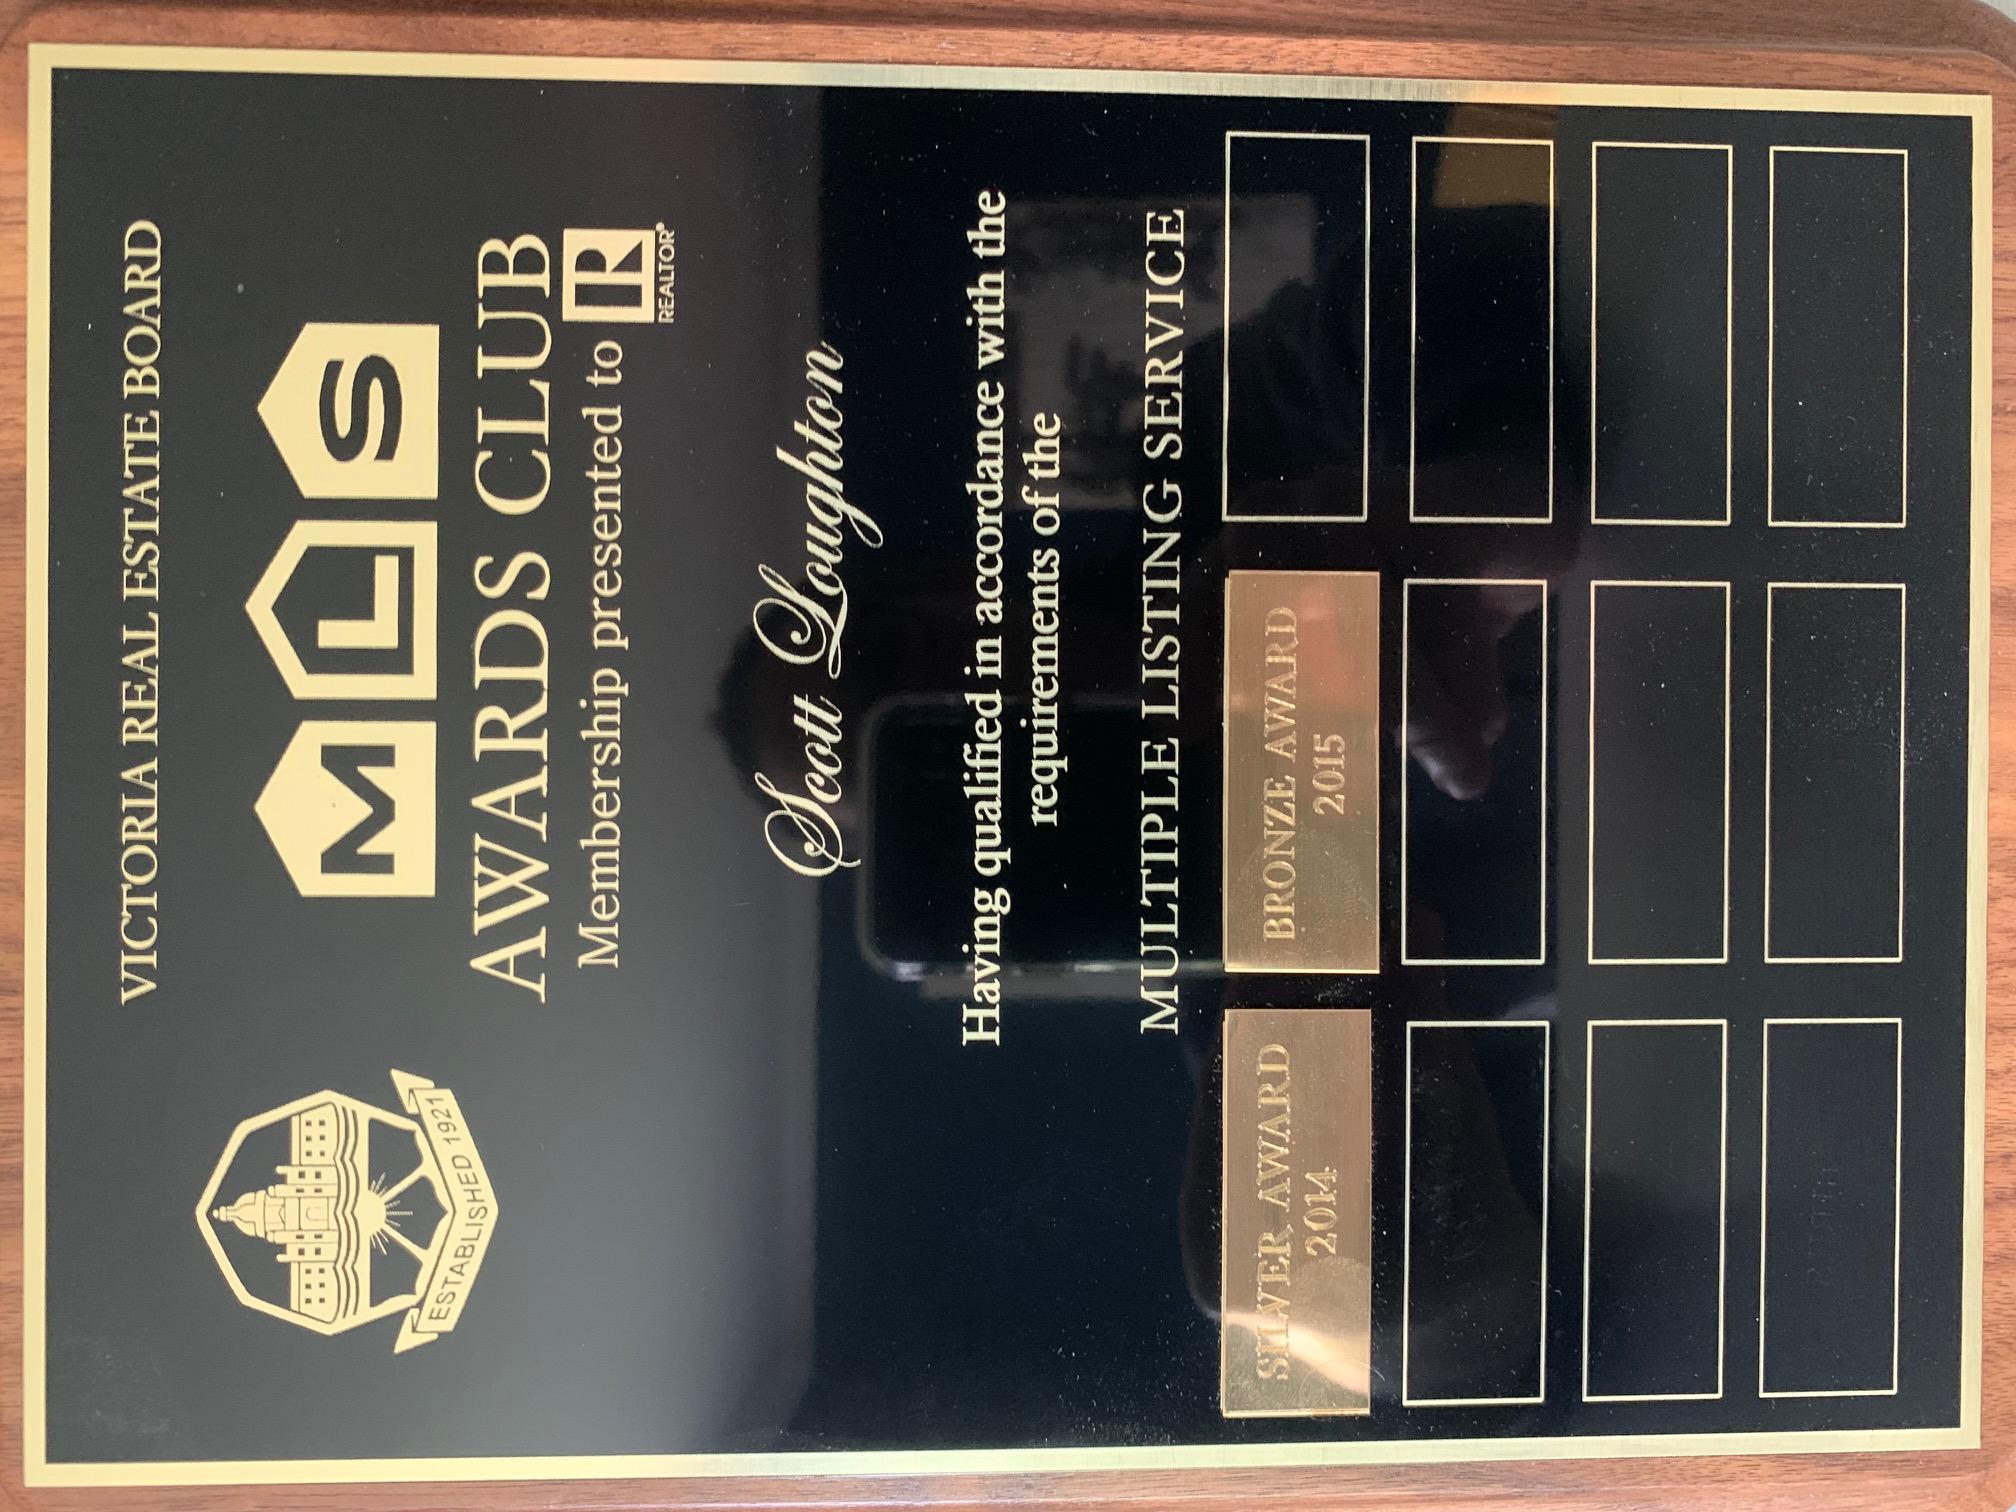 MLS Awards